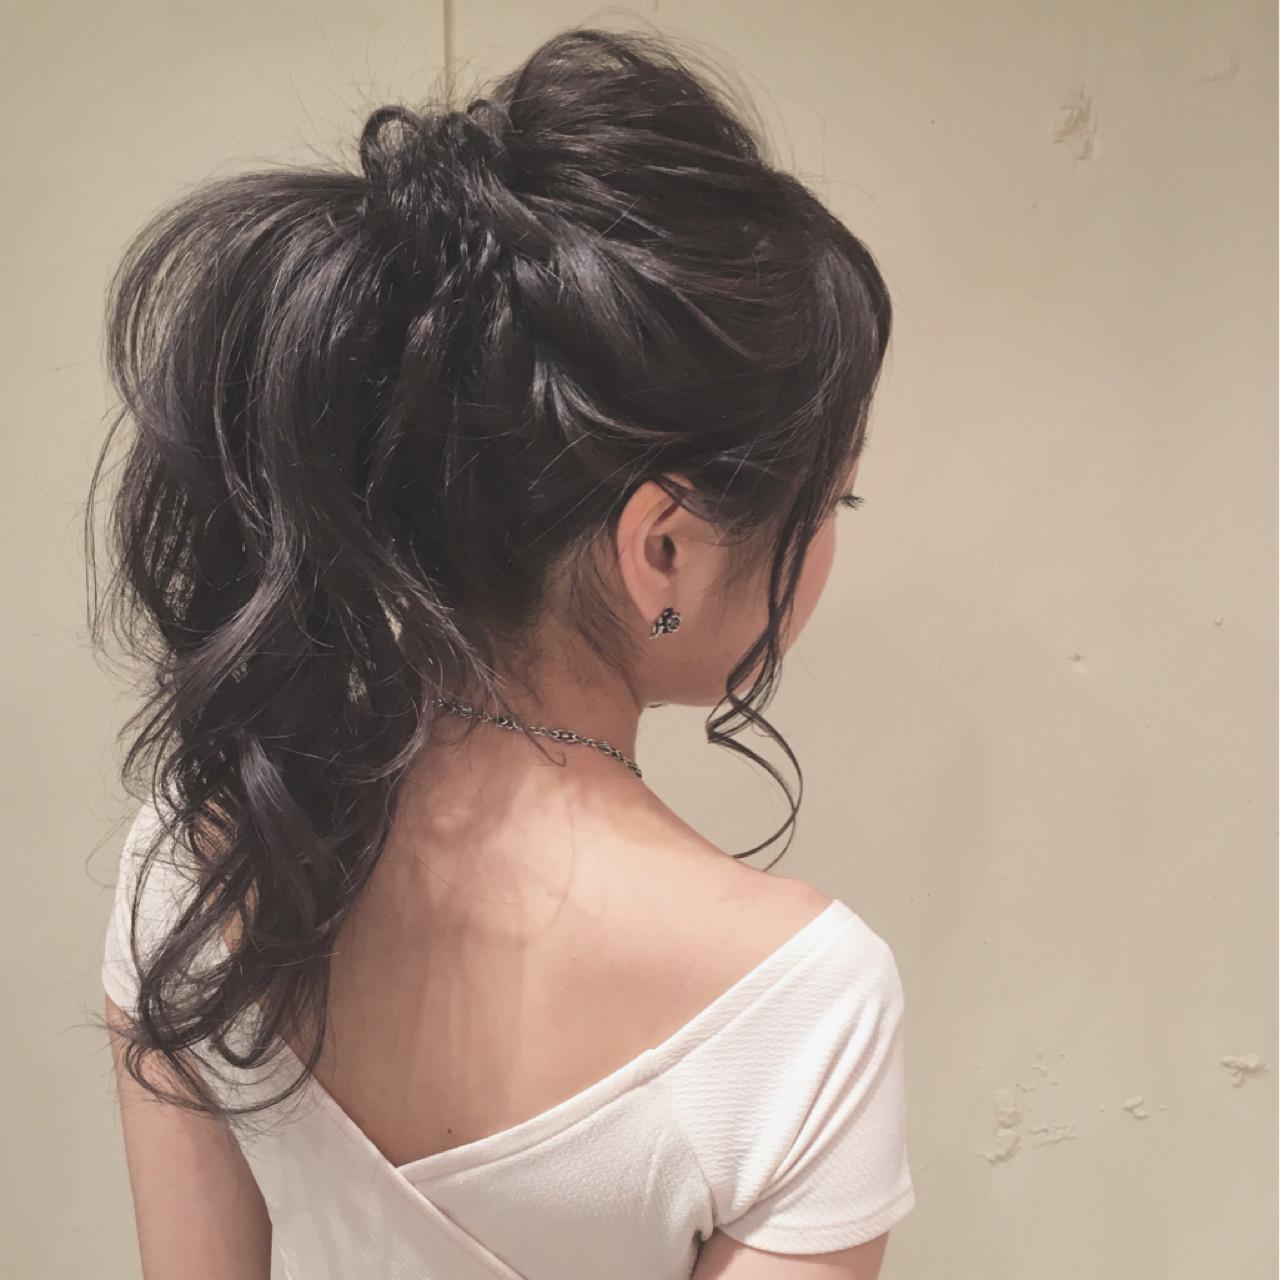 ヘアアレンジ ロング ゆるふわ ポニーテール ヘアスタイルや髪型の写真・画像 | 平川 元気 / MAPUNA